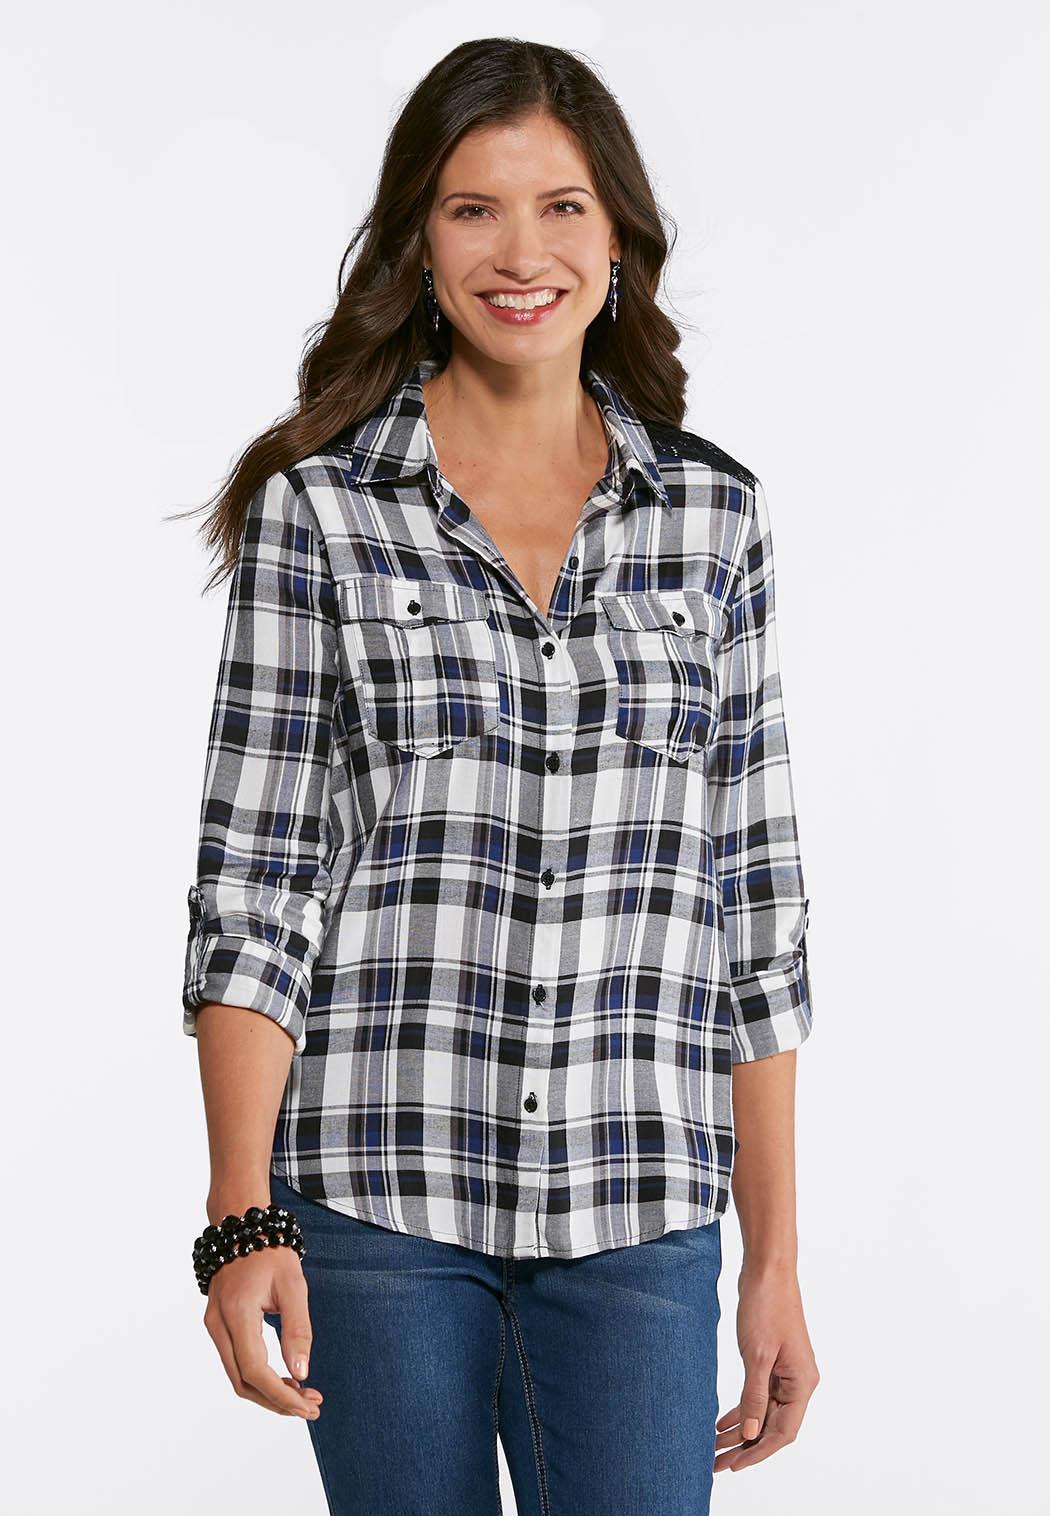 06669080c1dc51 Lace Trim Plaid Shirt alternate view · Lace Trim Plaid Shirt